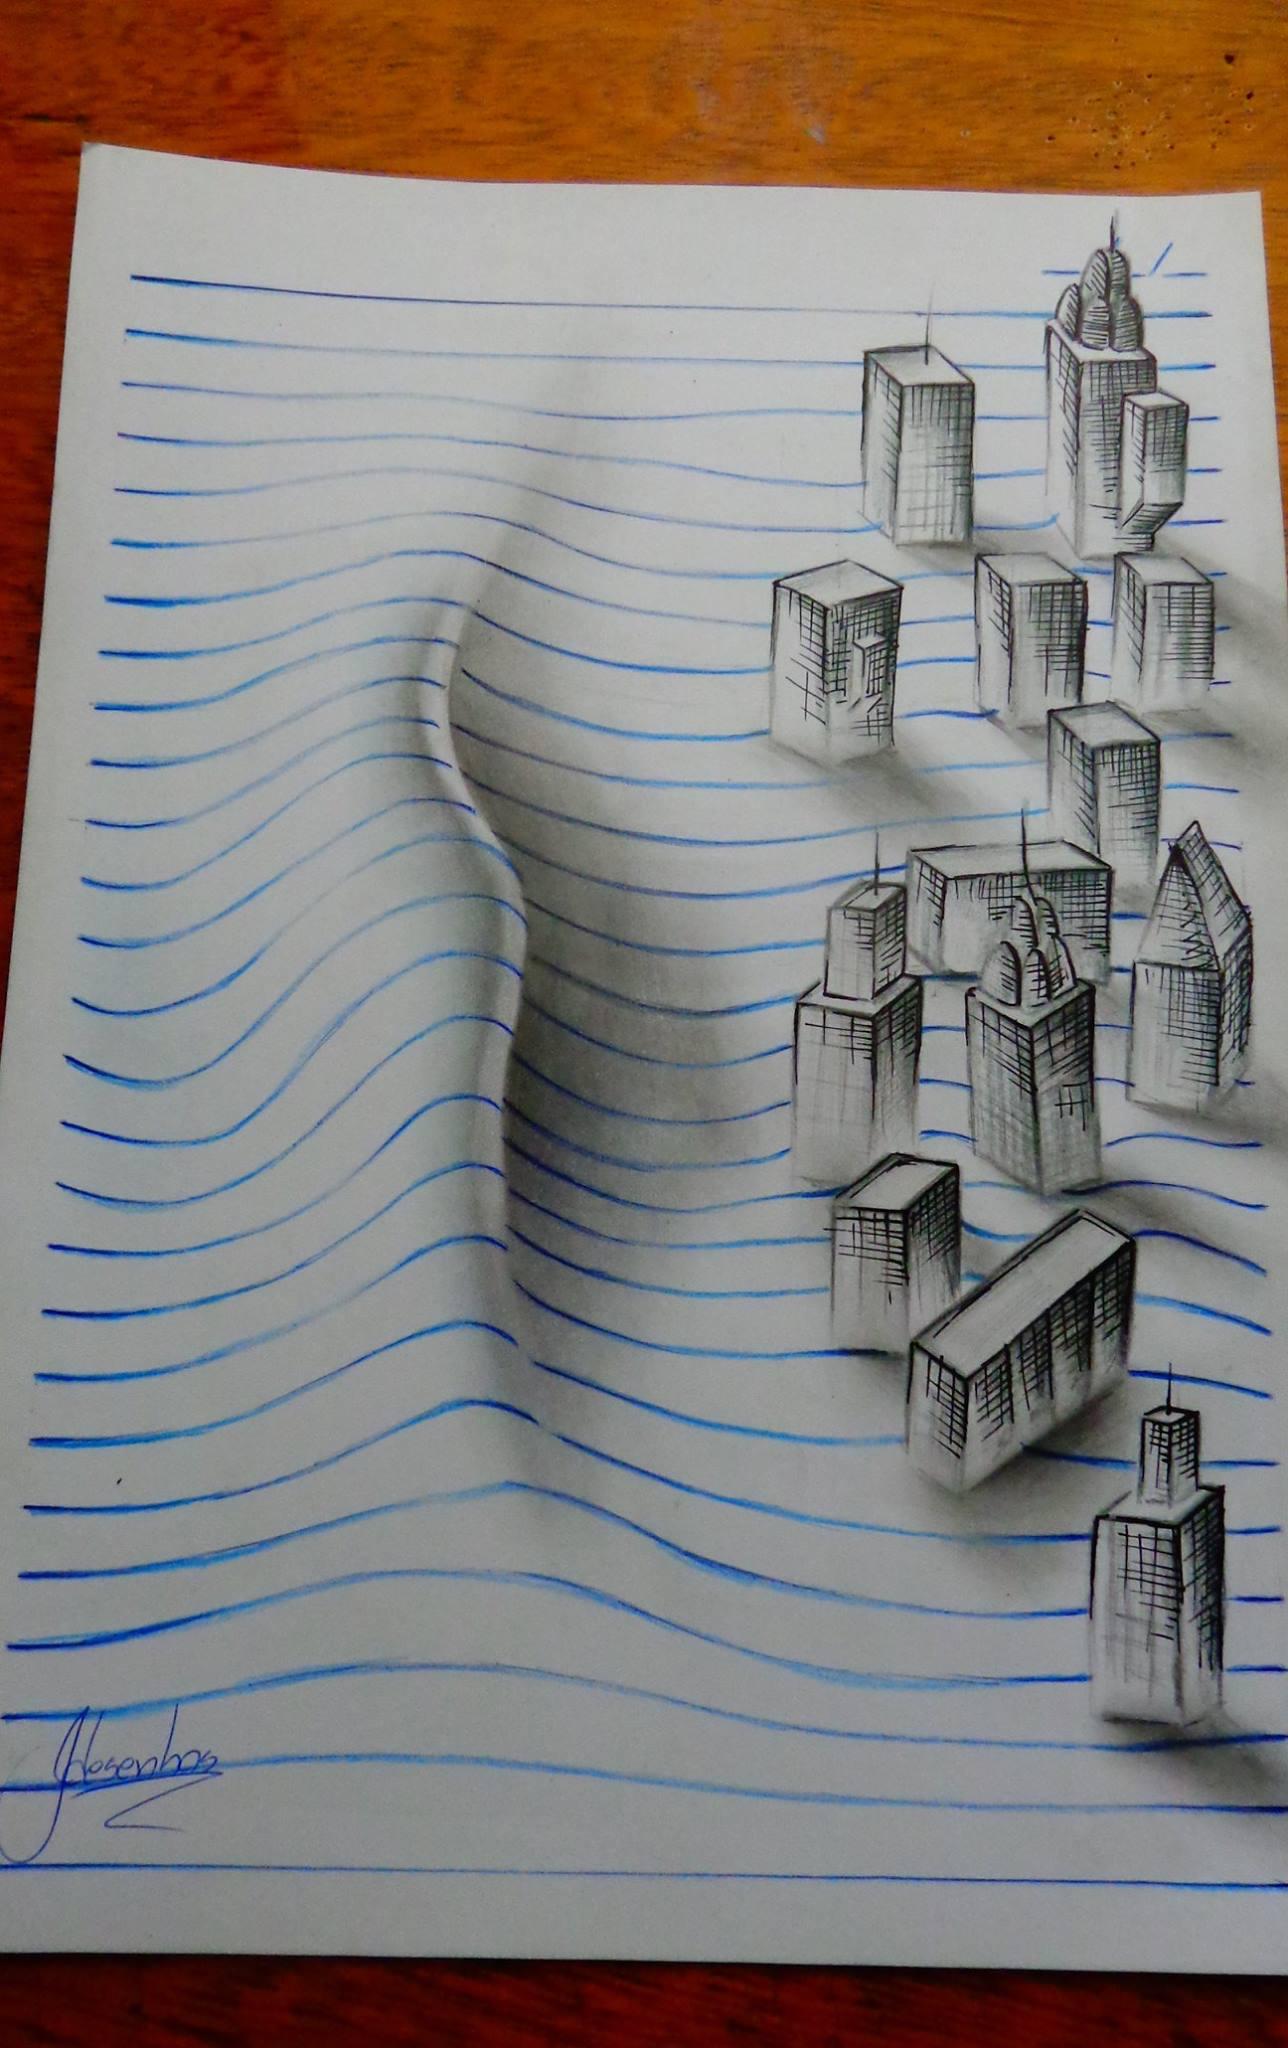 Des dessins lignés en relief